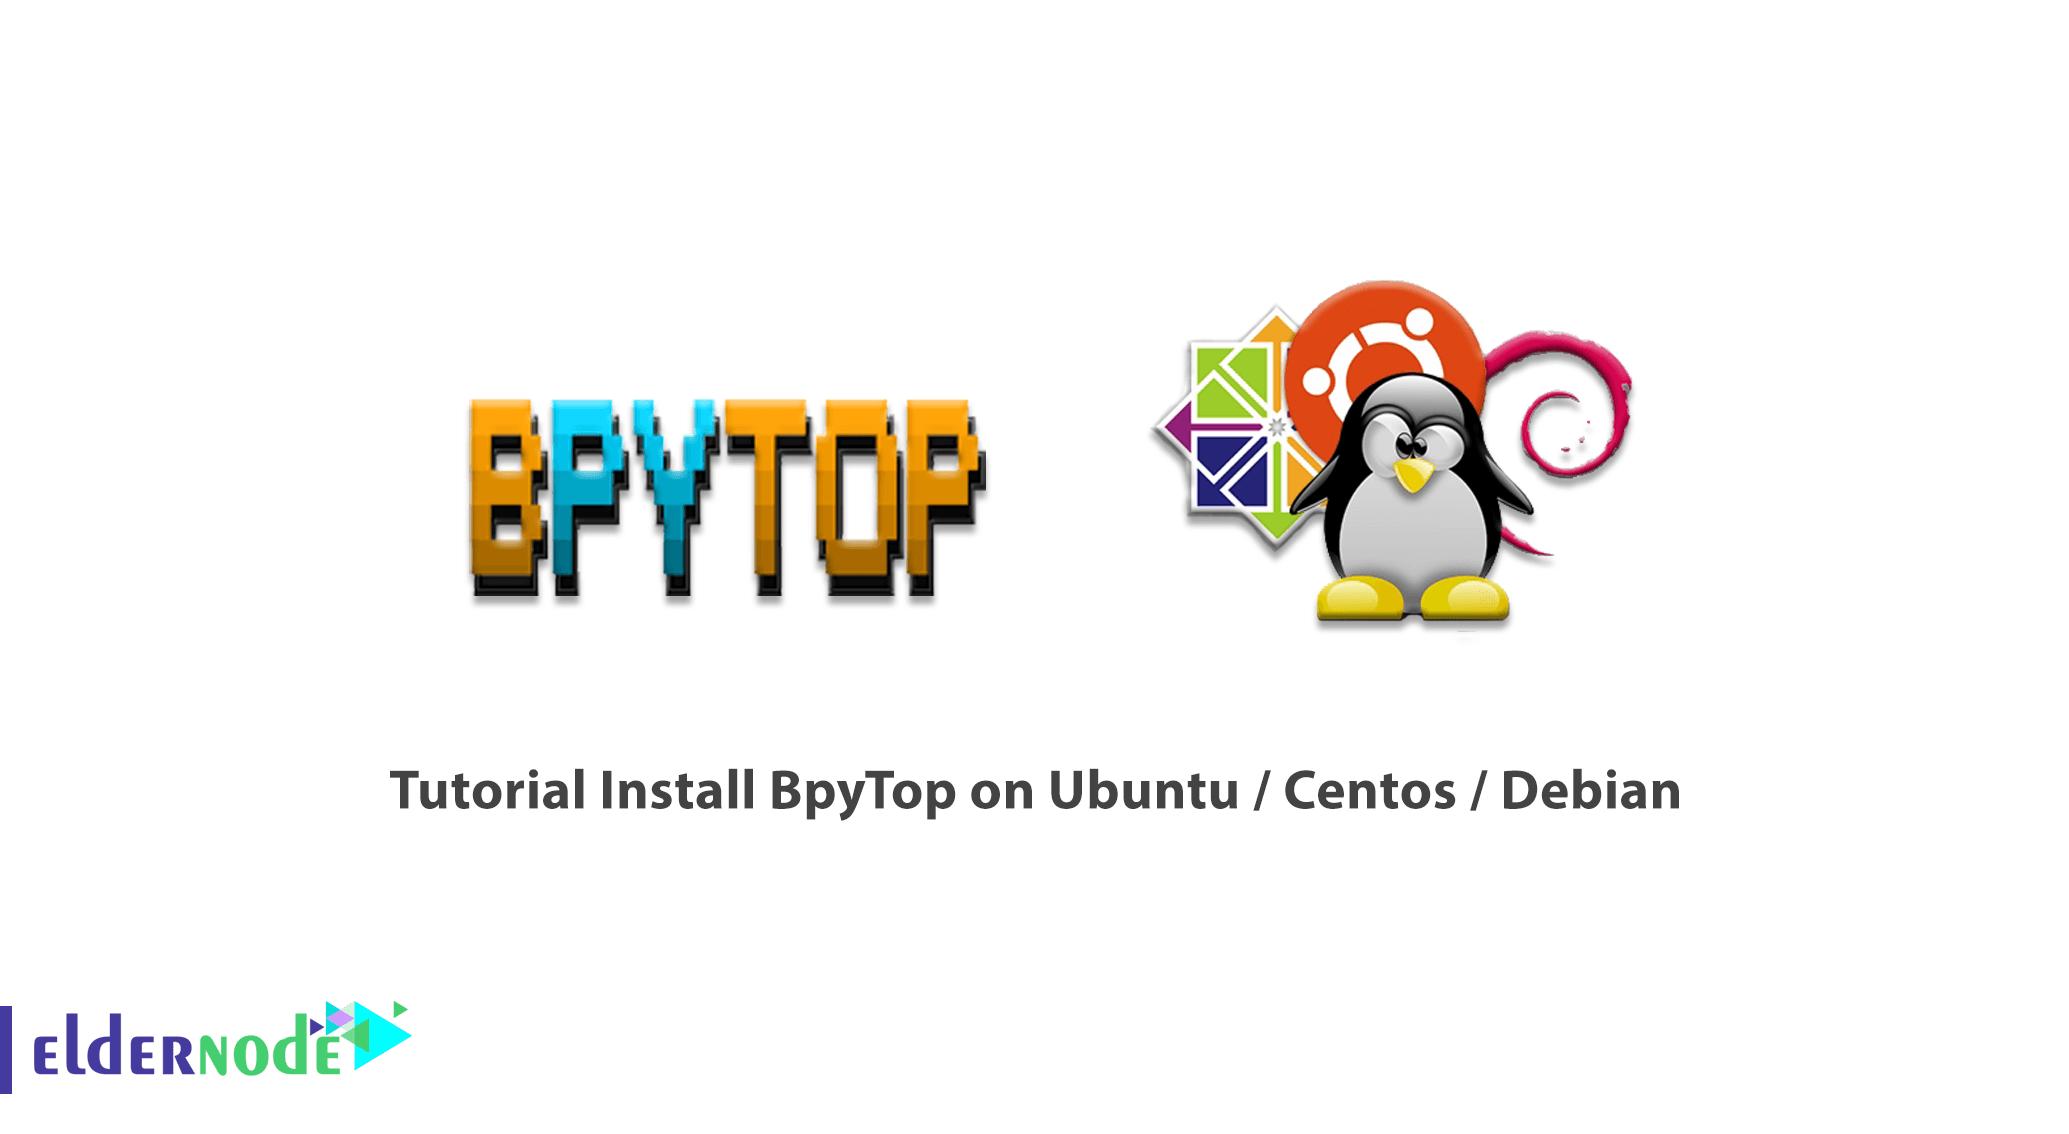 Tutorial Install BpyTop on Ubuntu - Centos - Debian